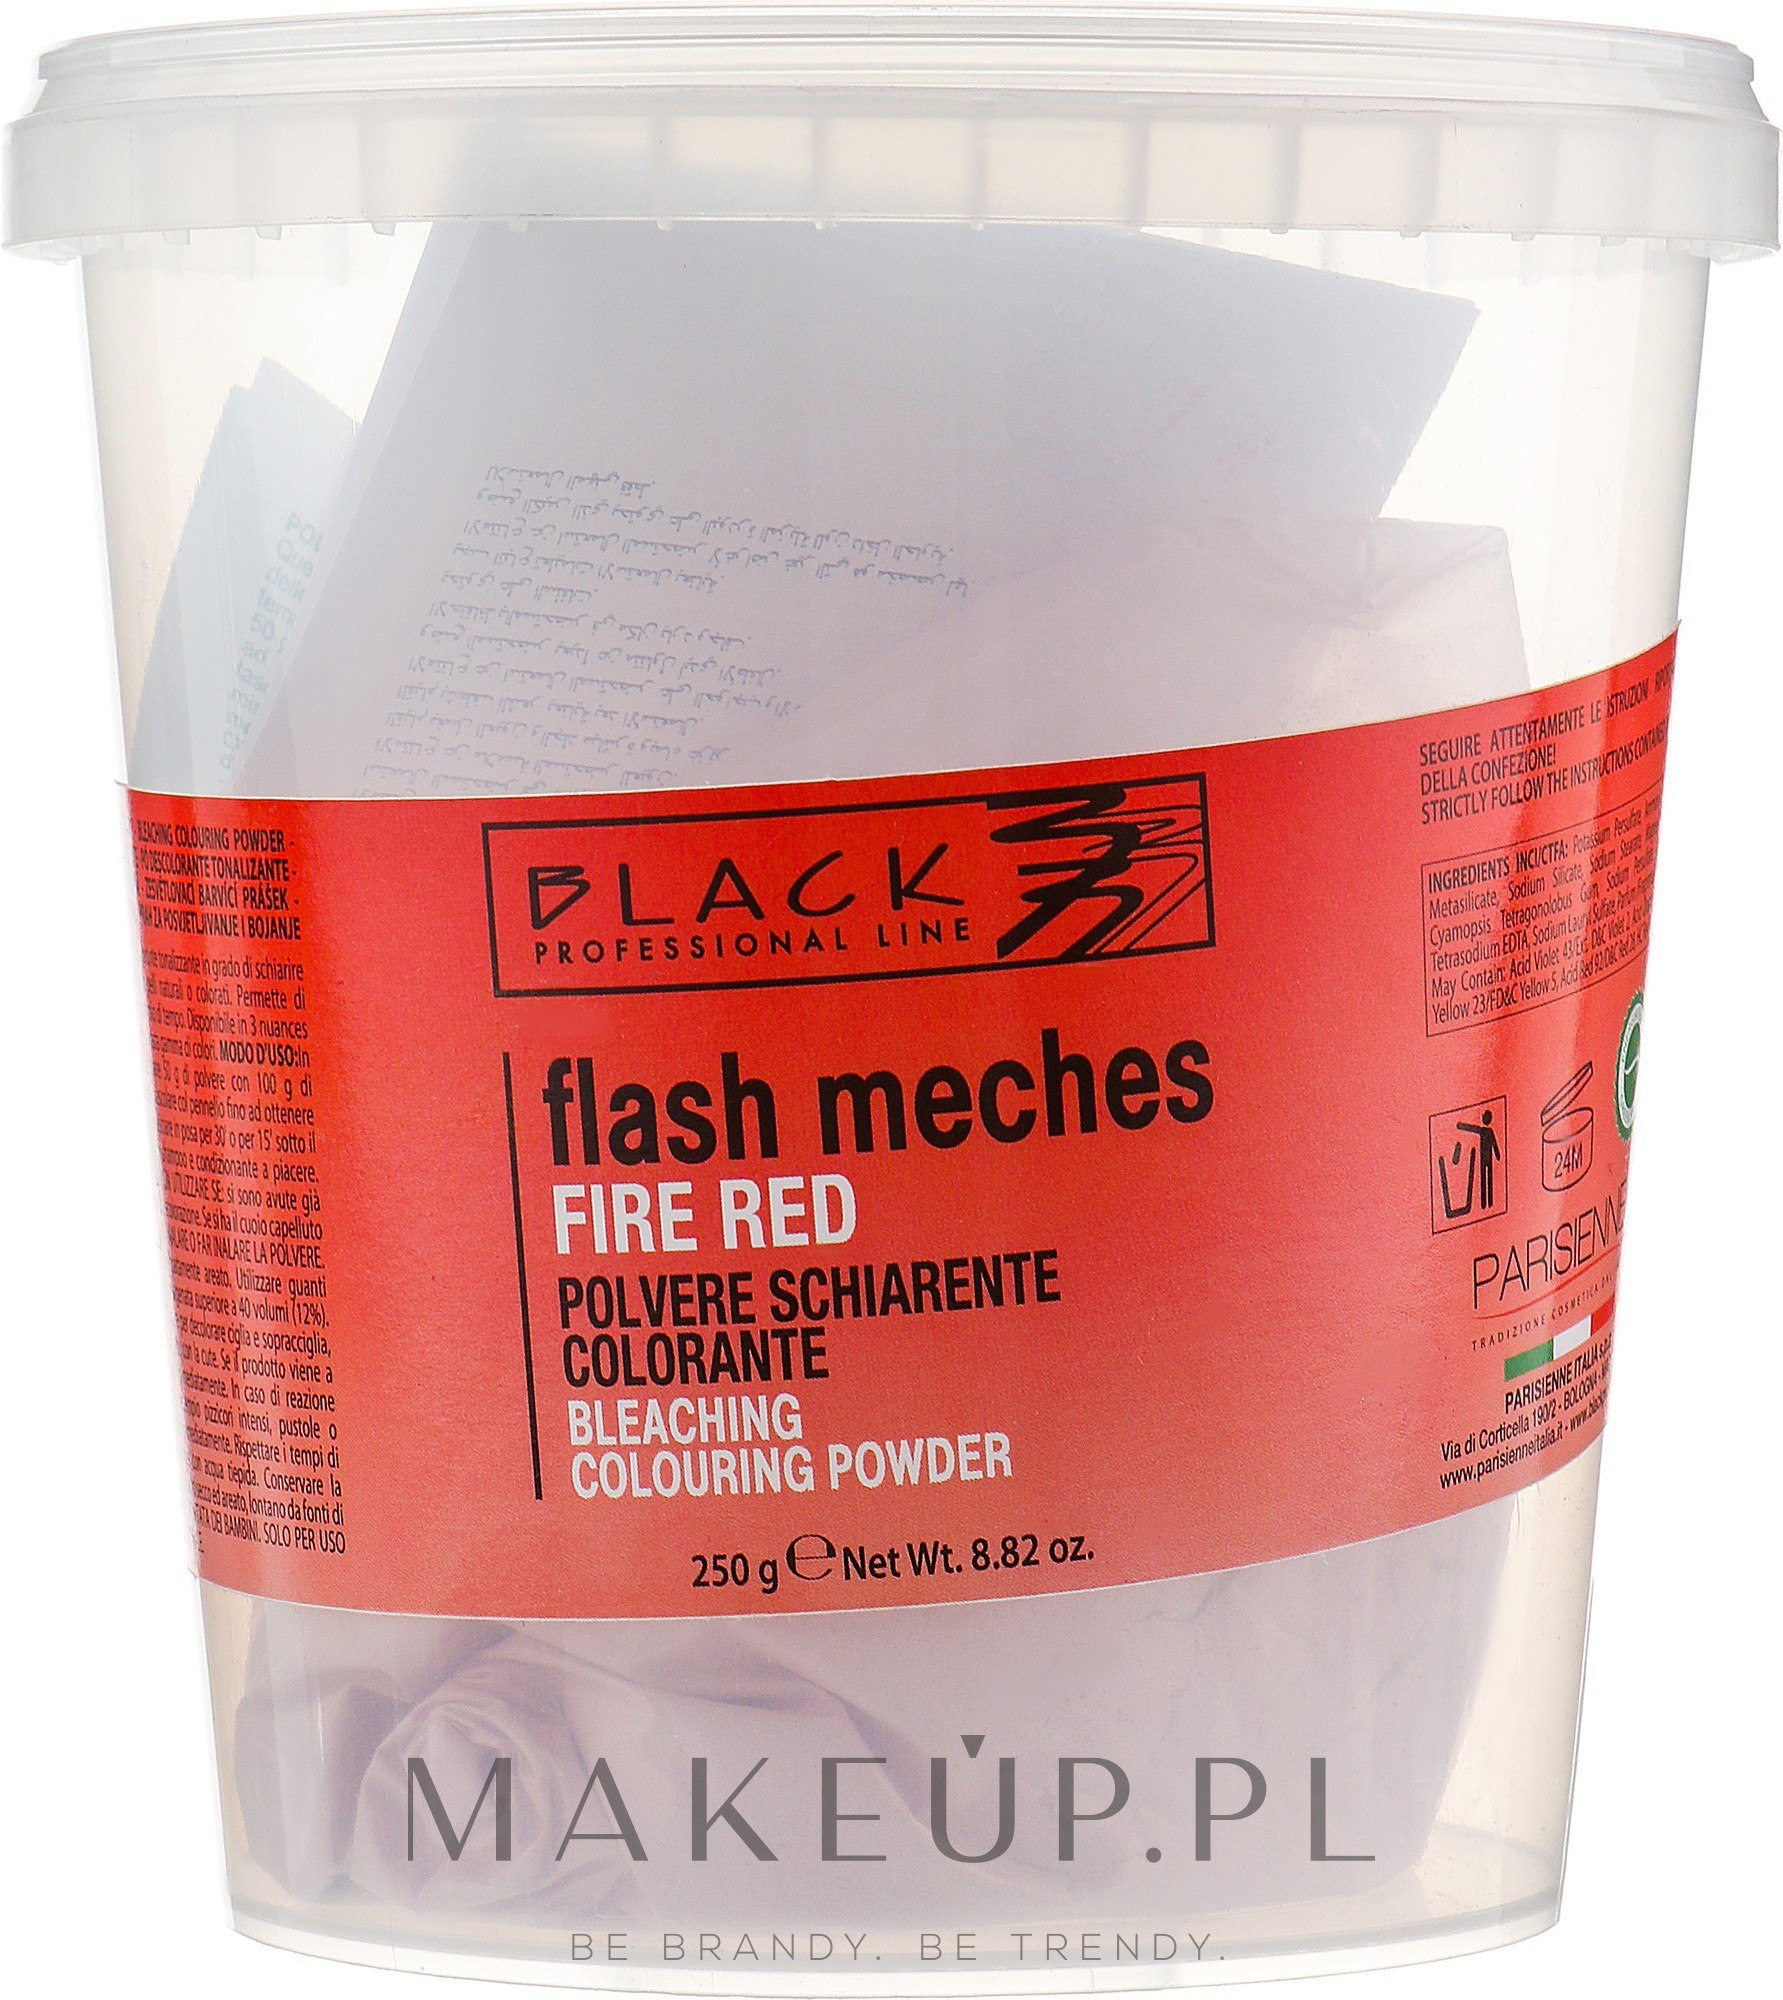 Proszek do rozjaśniania włosów - Black Professional Line Flash Meches Bleaching Colouring Powder — фото Fire Red